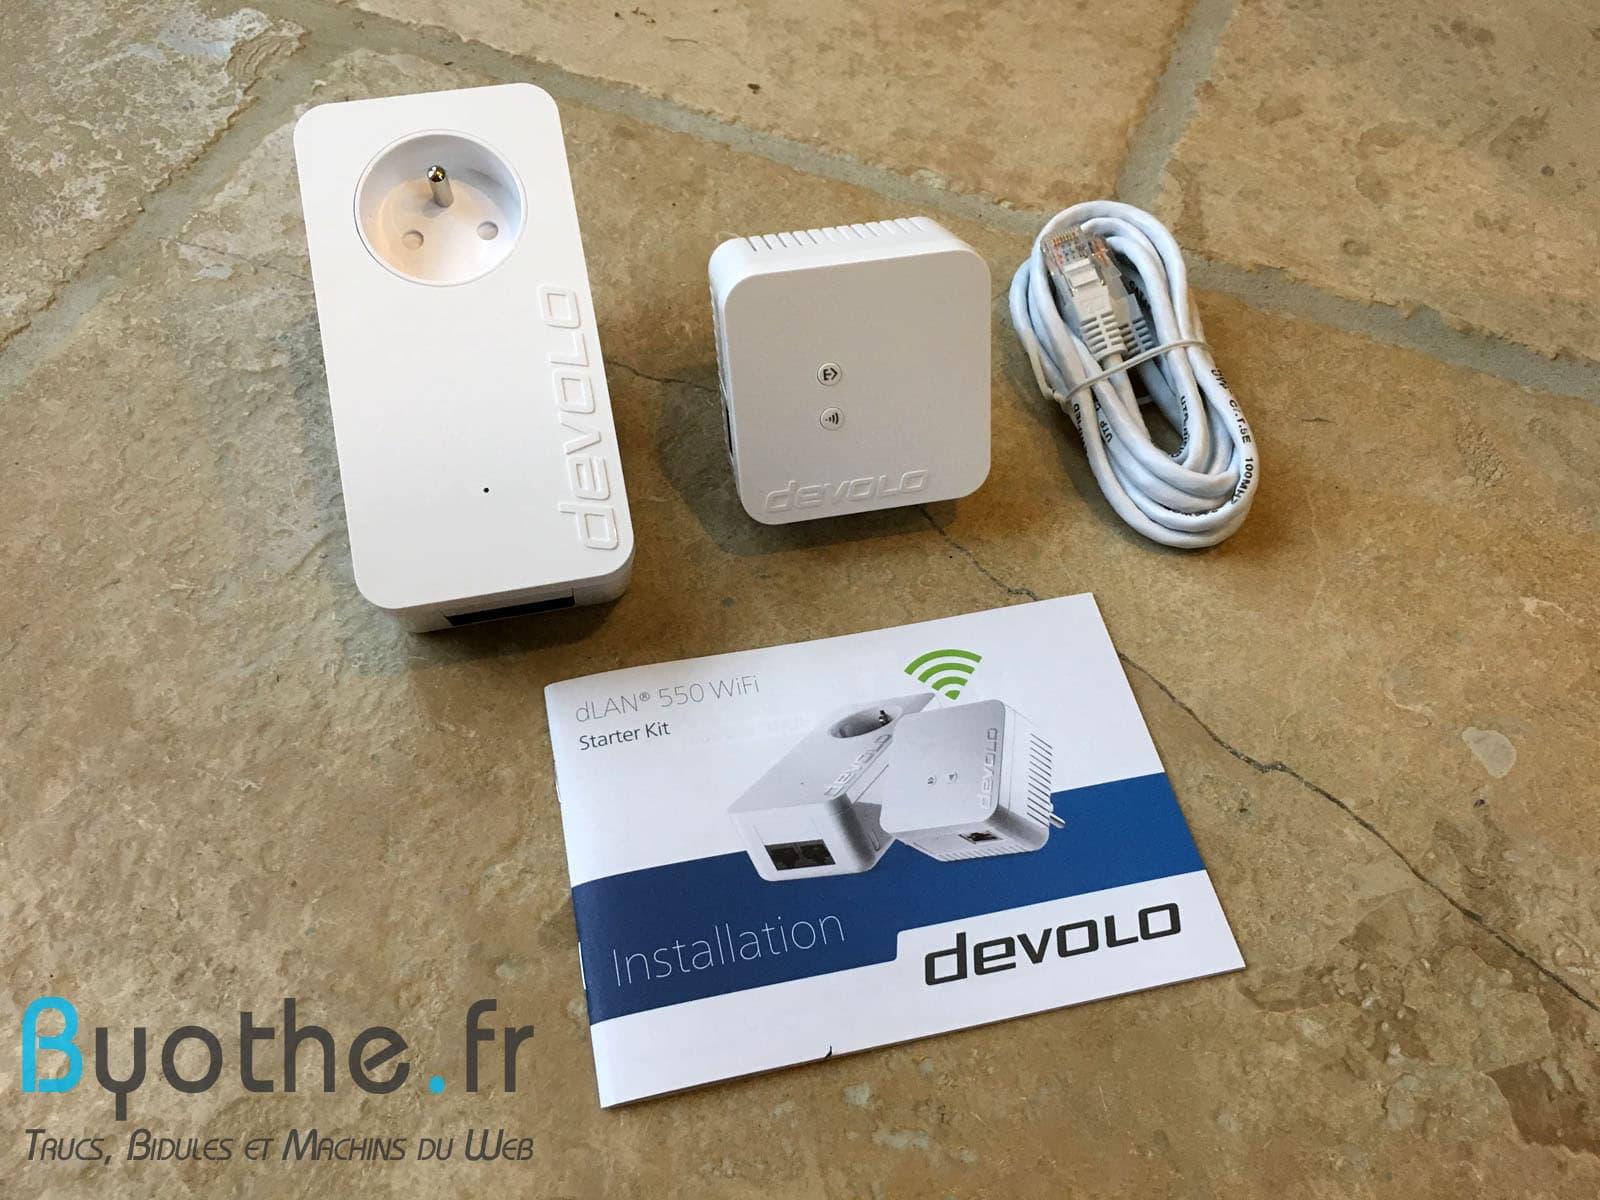 devolo-dlan-550-kit Test de l'adaptateur CPL dLAN 550 WiFi de Devolo. En un mot : simplicité !